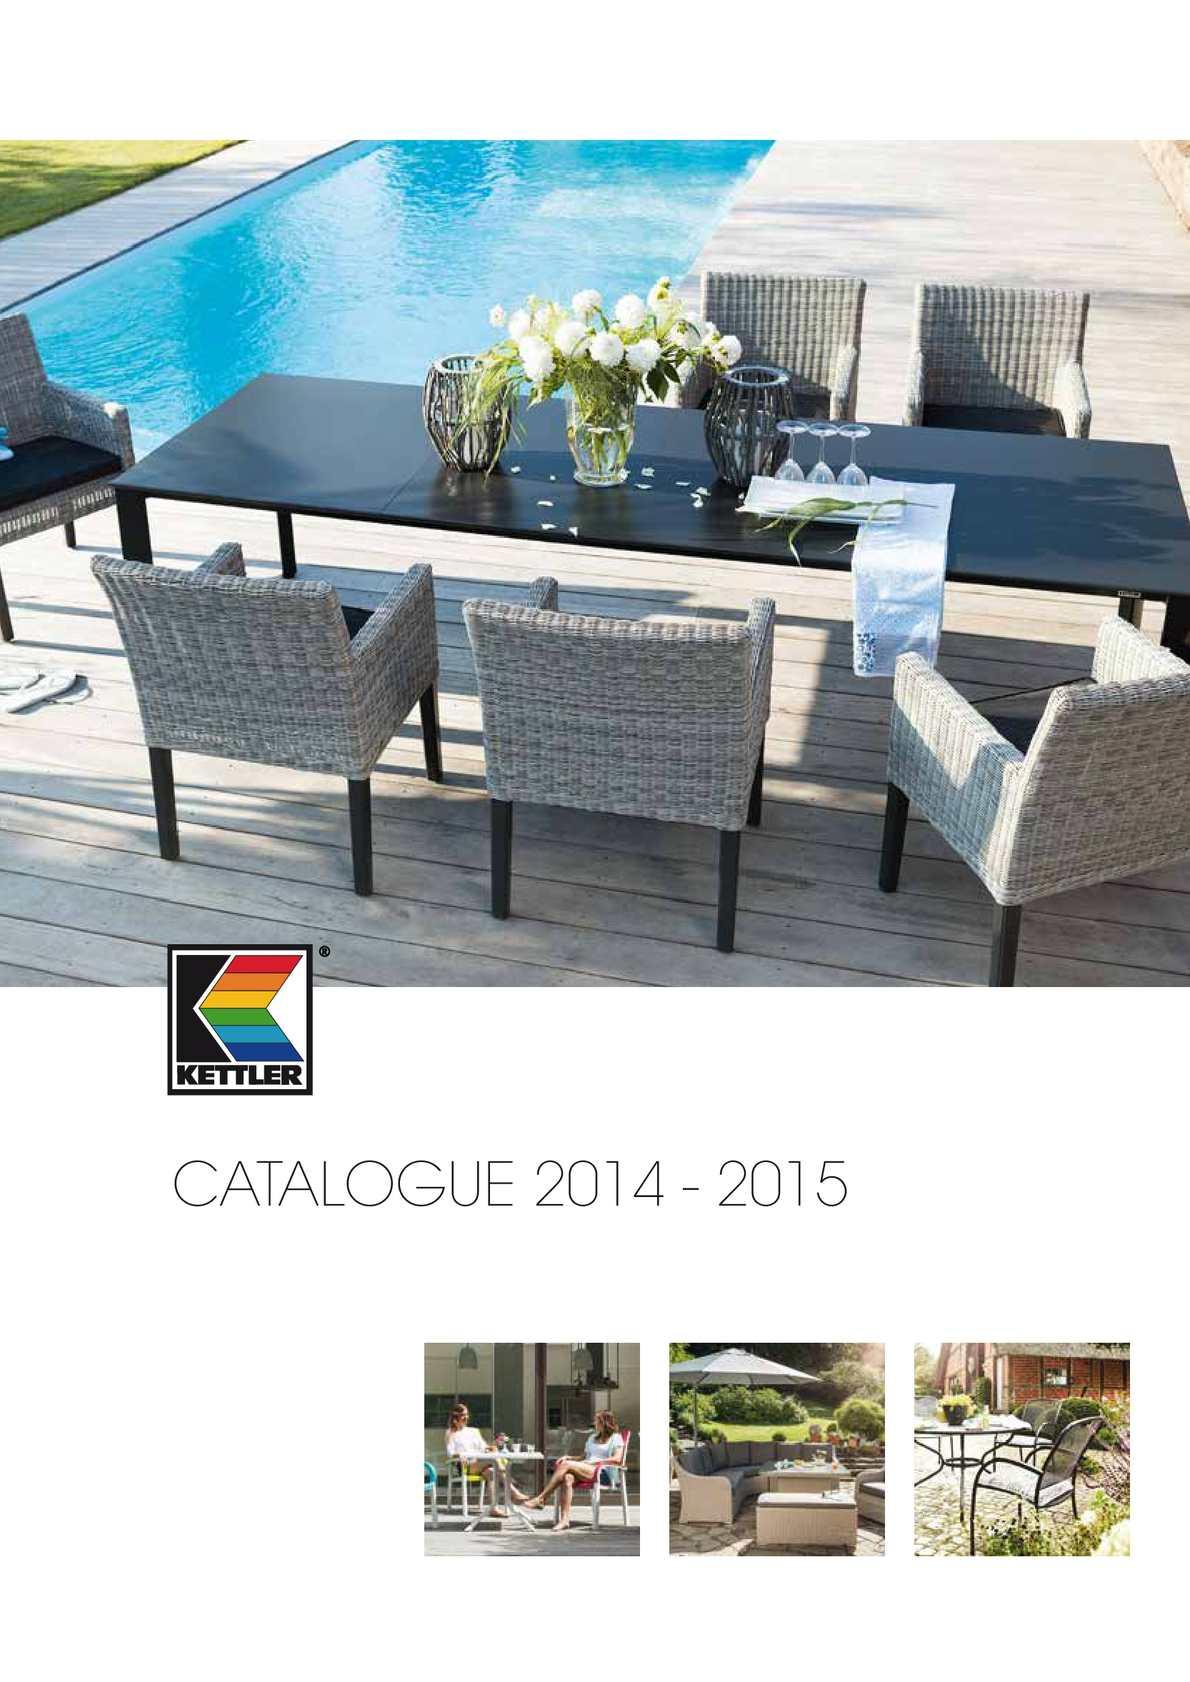 Calaméo - Catalogue Kettler 2014-2015 encequiconcerne Table De Jardin Kettler